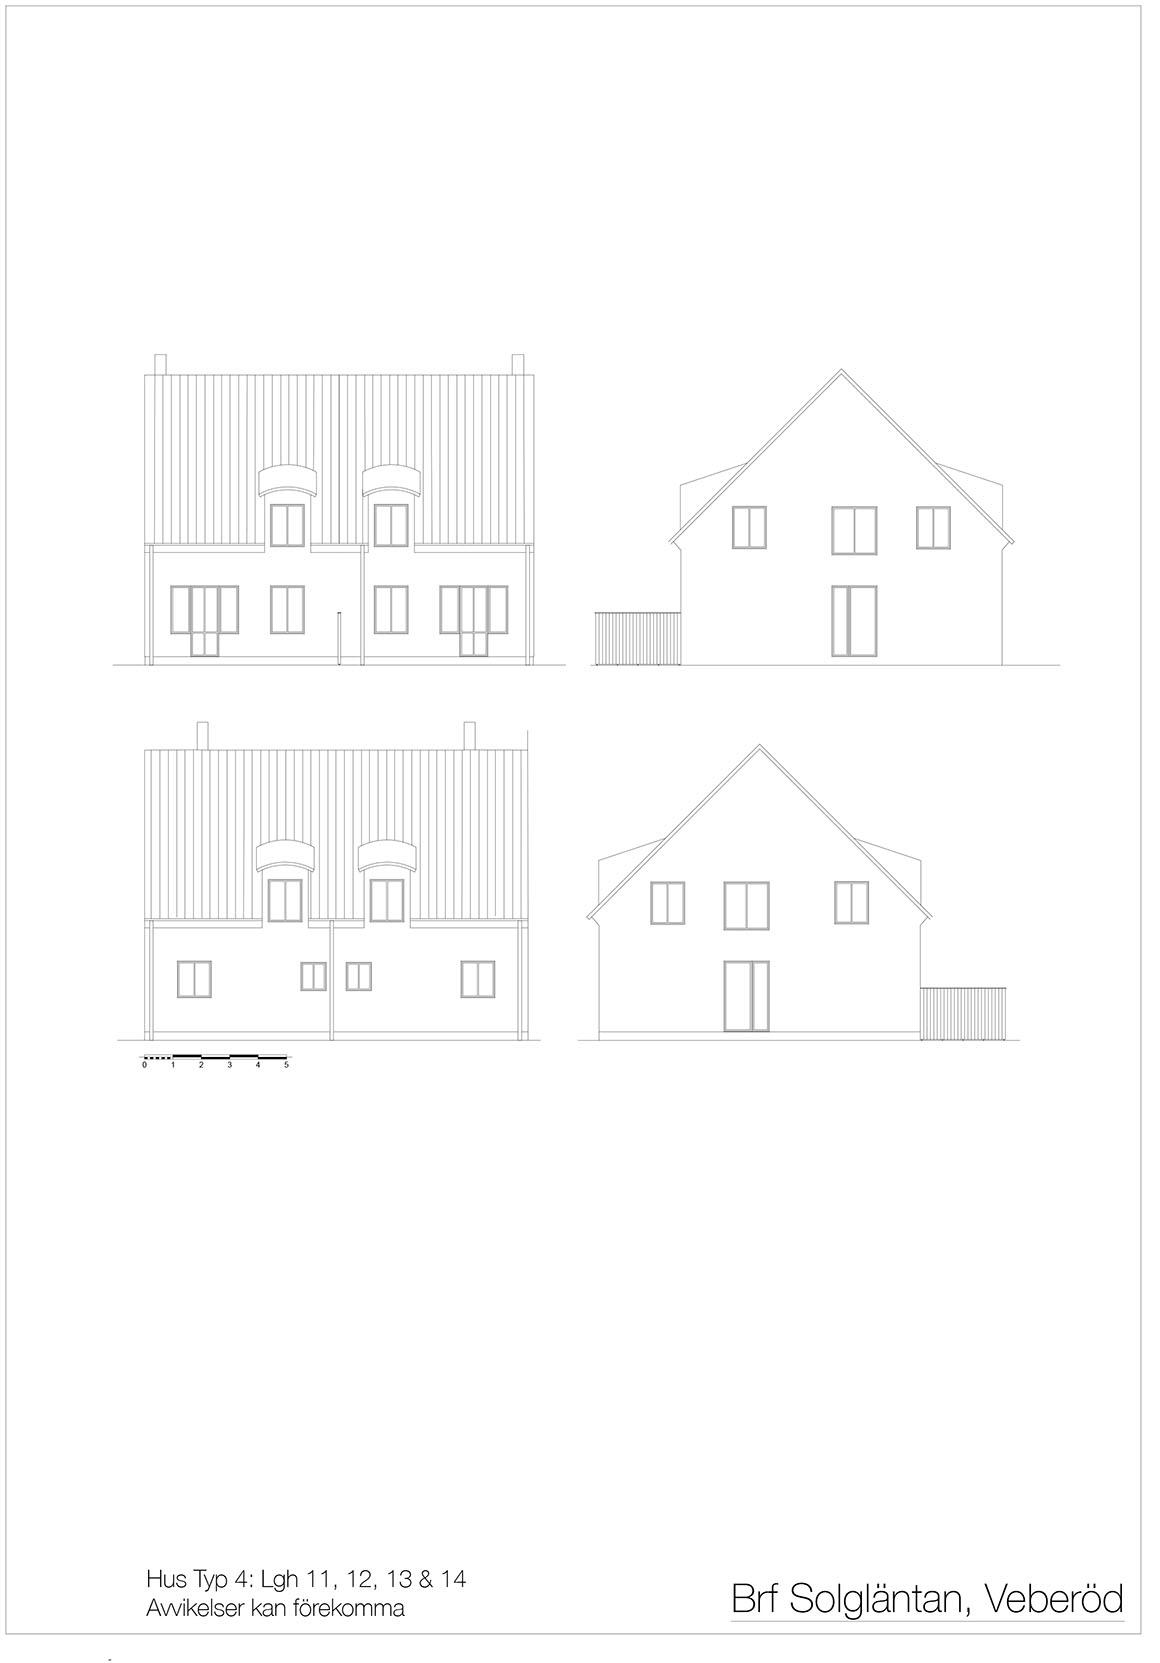 11 Hus Typ 4 Fasader _ Layout